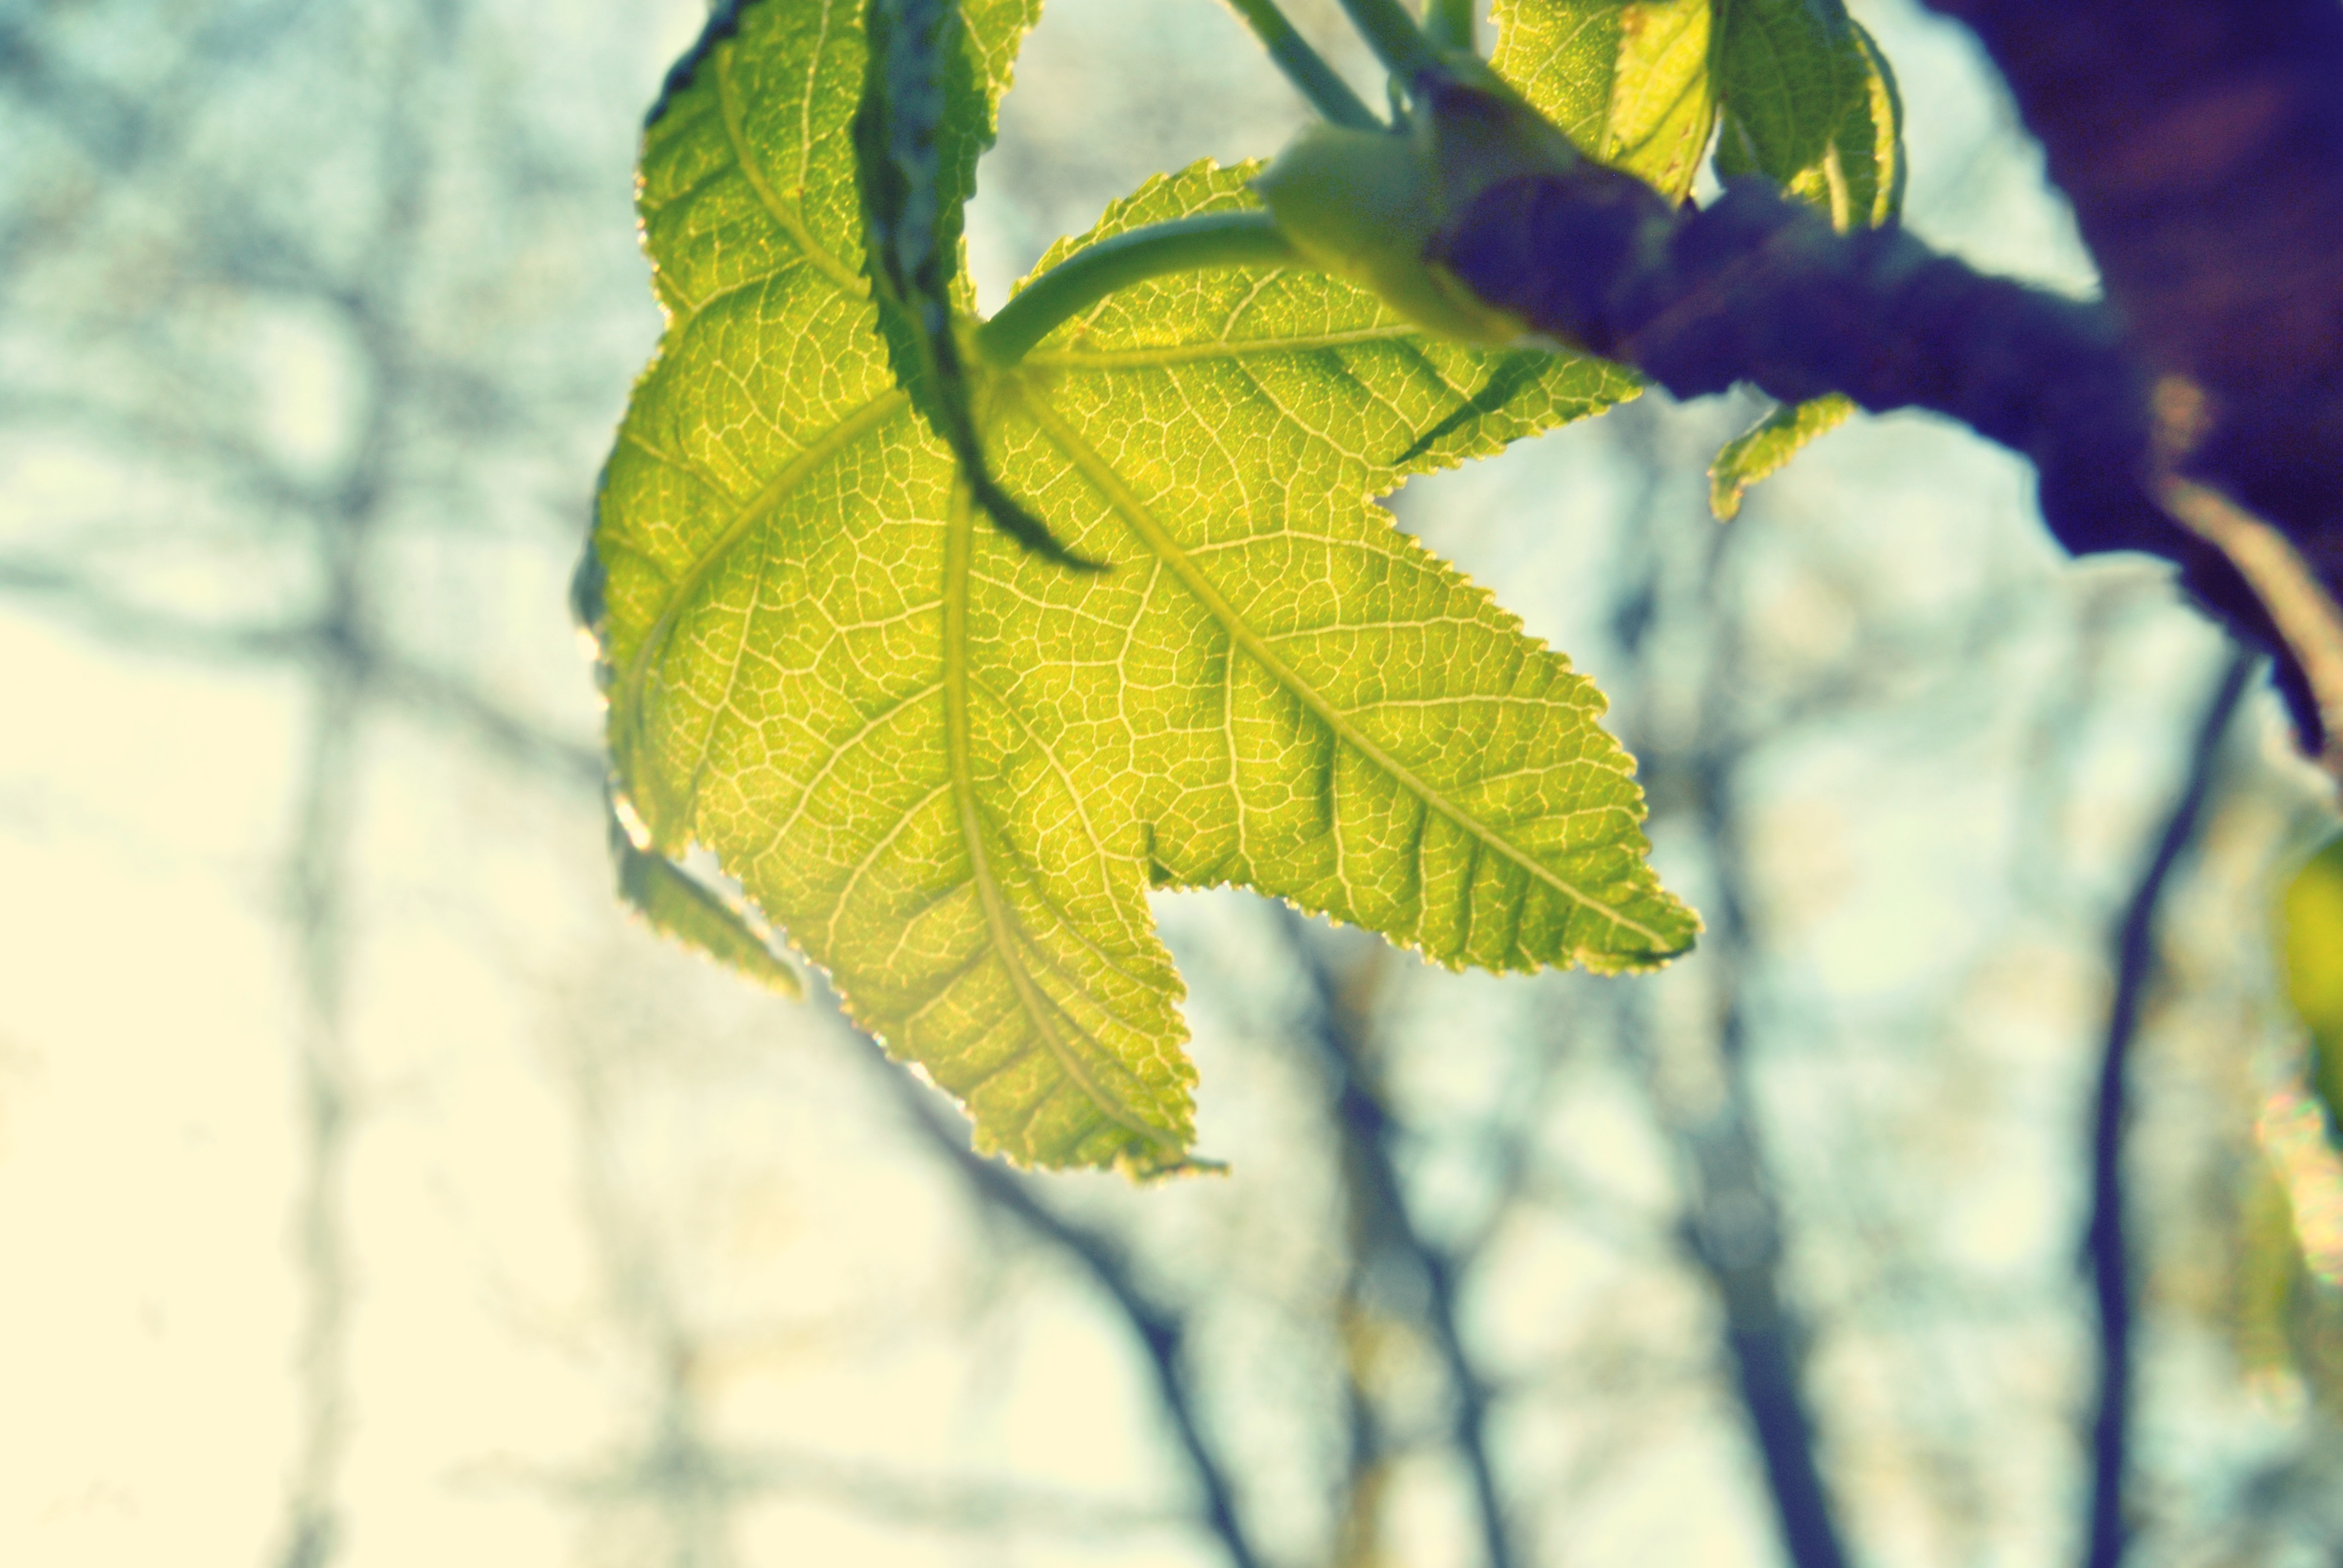 Foglia verde in bilico - percorsi accessibili